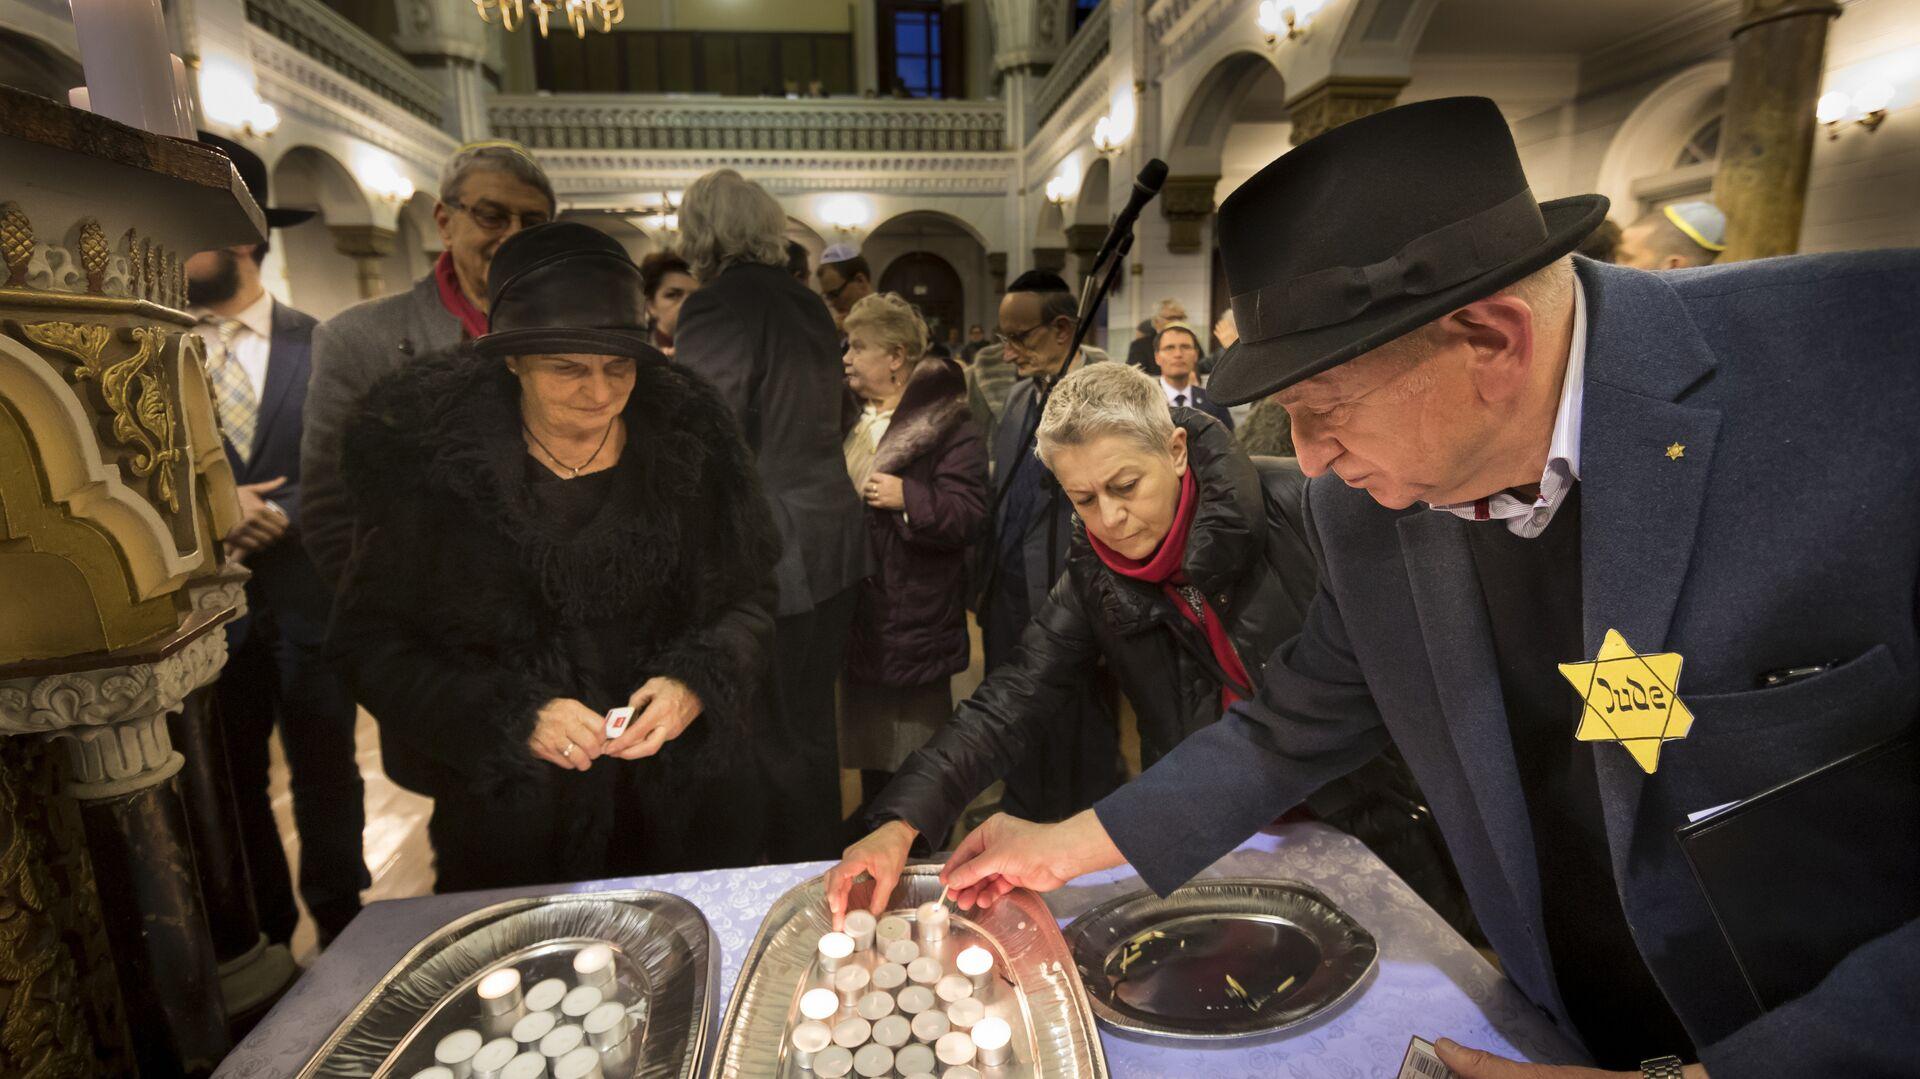 Зажжение свечей в синагоге в день памяти жертв Холокоста, Вильнюс, Литва - РИА Новости, 1920, 28.01.2021